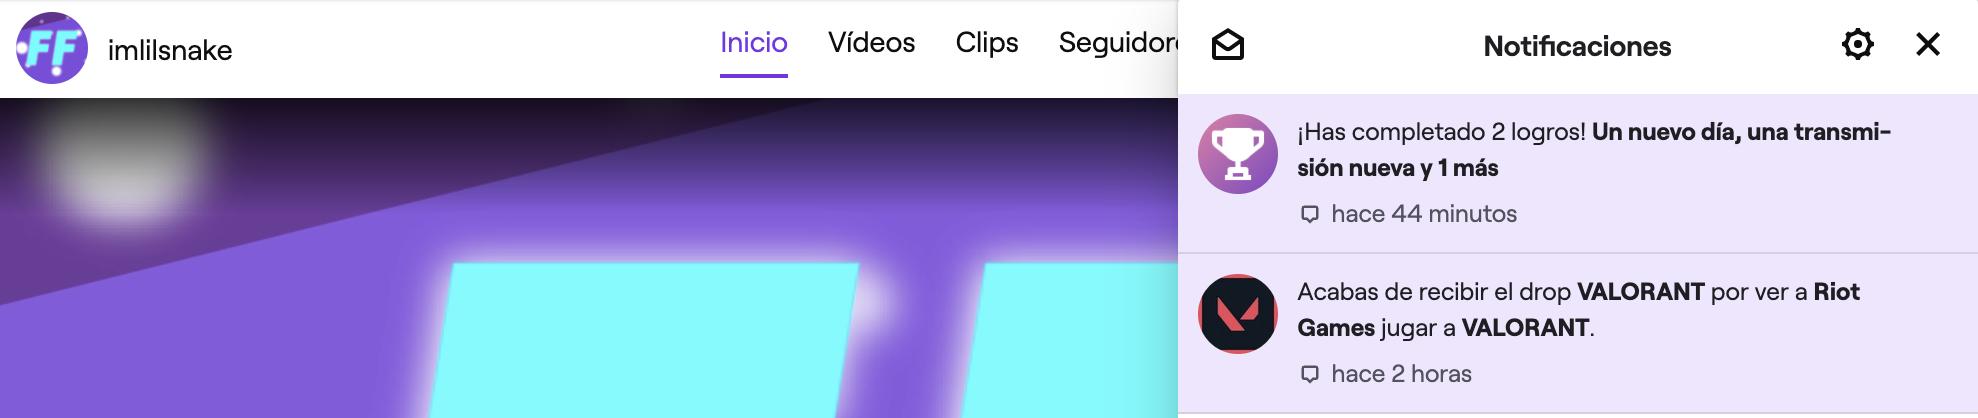 Captura de pantalla 2020-05-13 a las 2.05.04.png